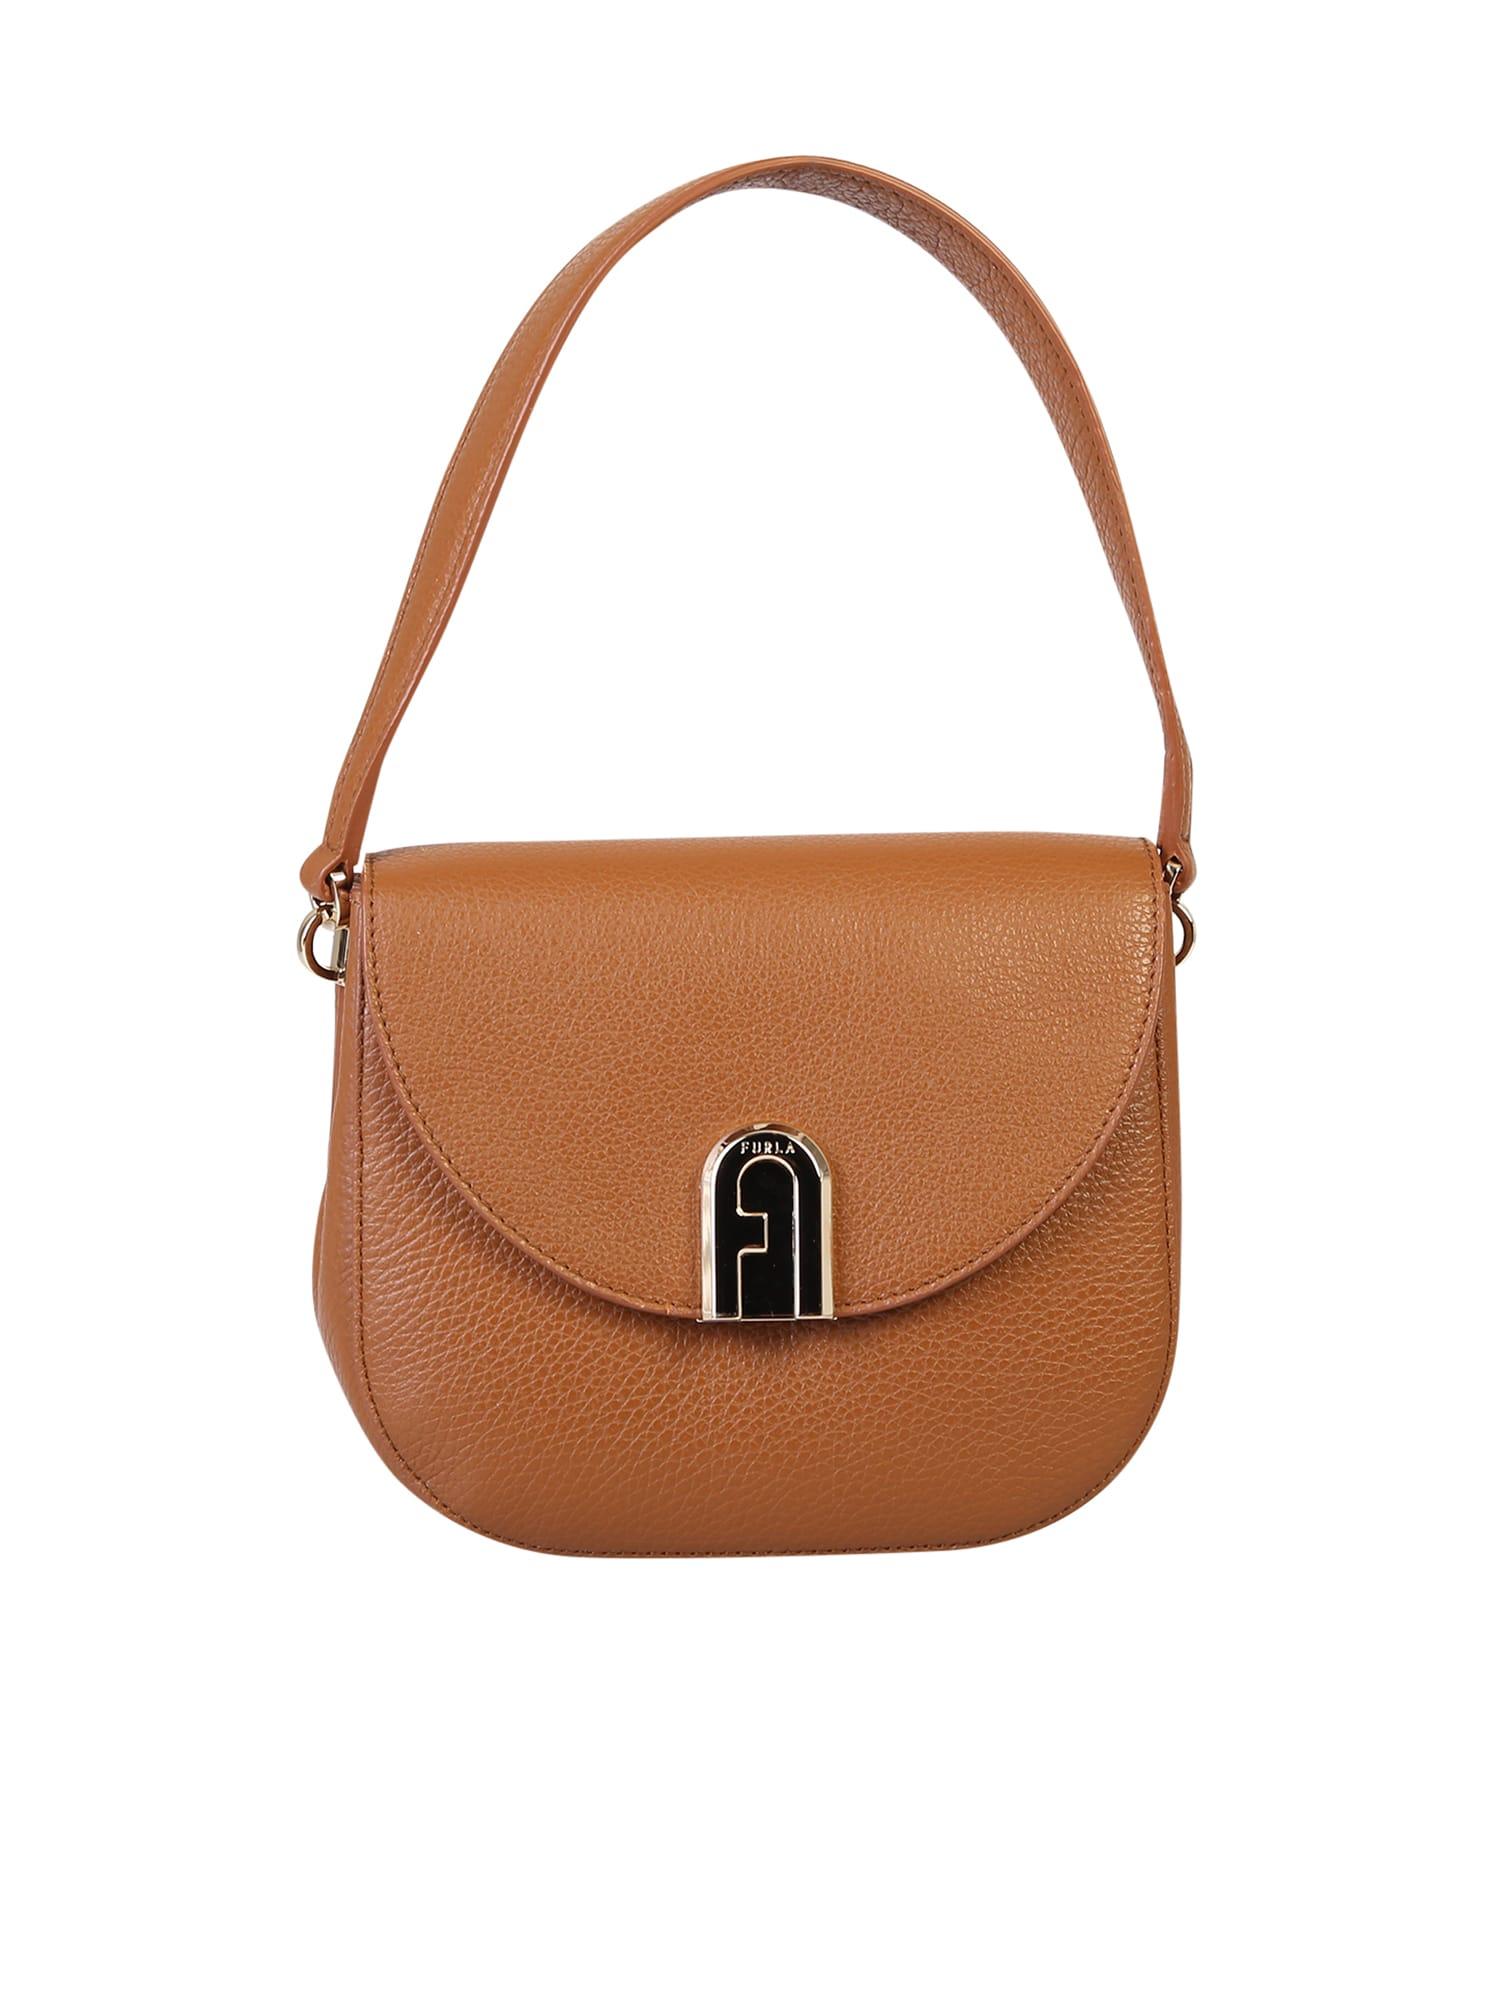 Furla Sleek Bag